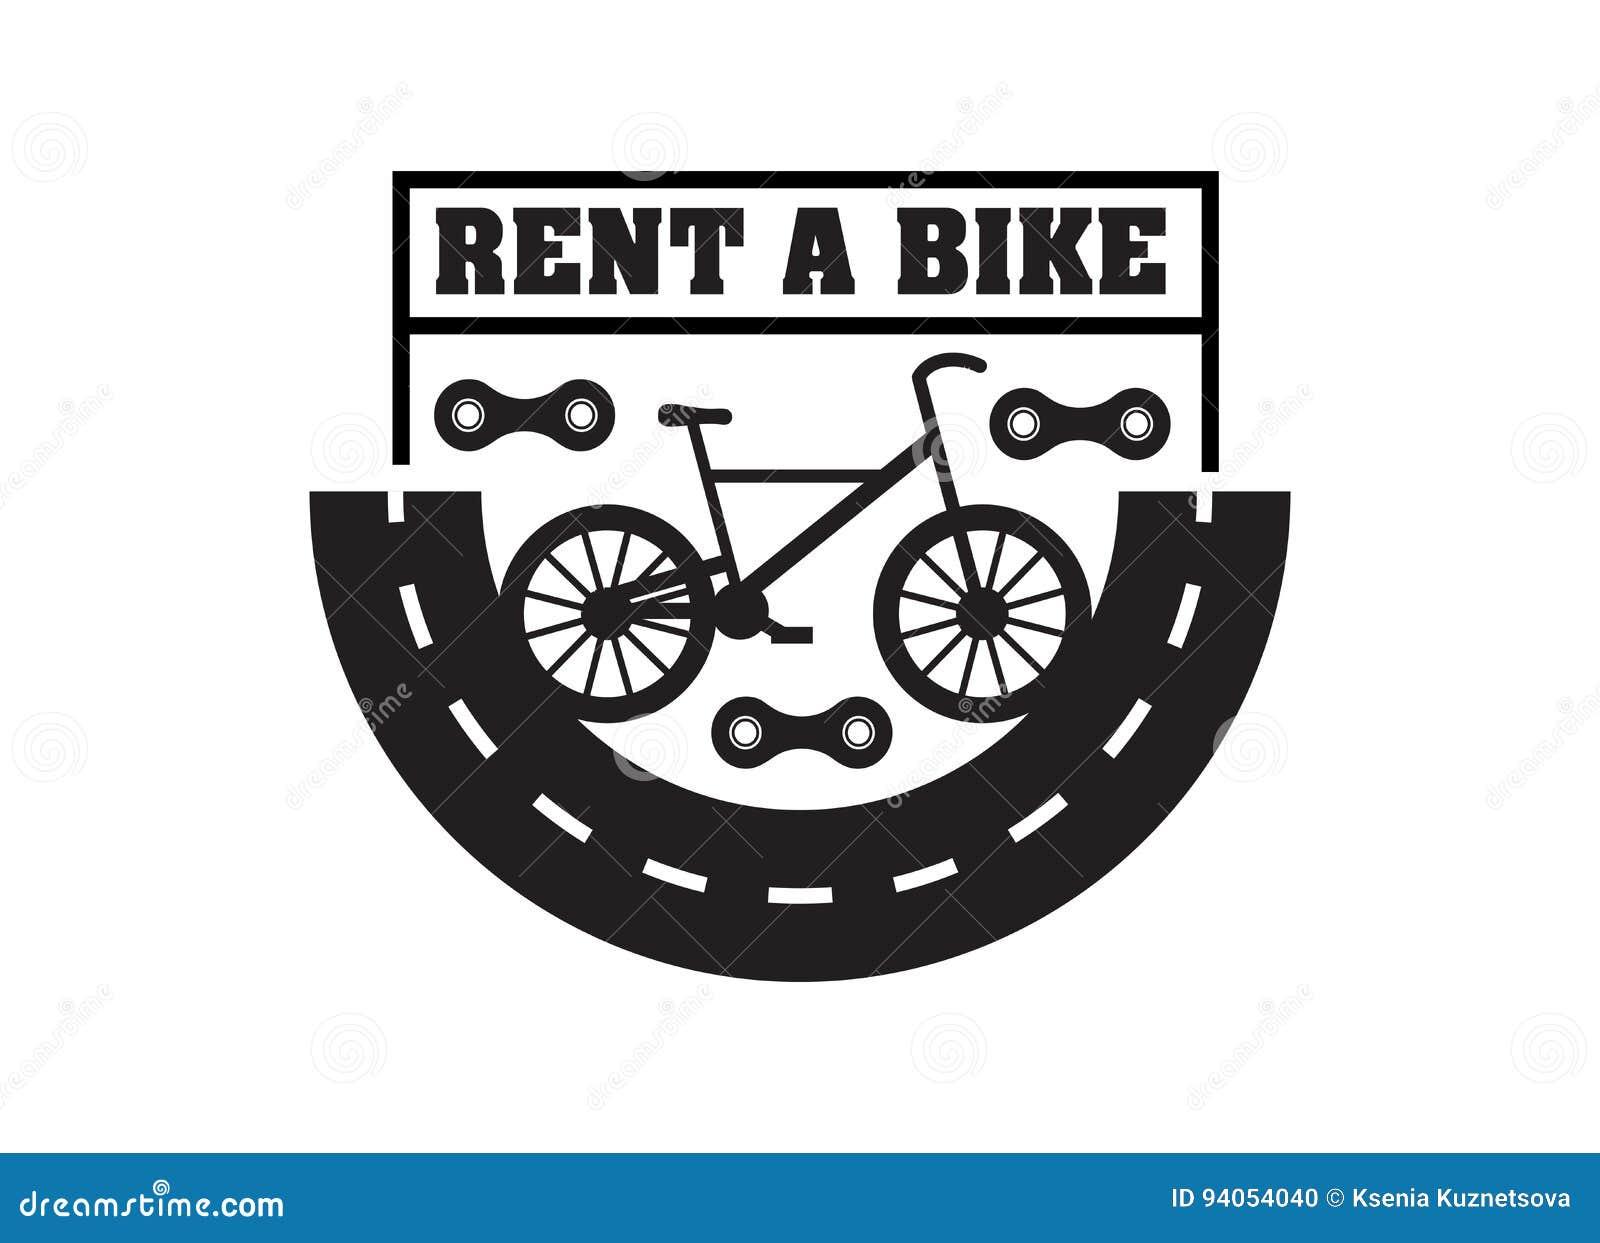 Bike badge vintage style stock vector  Illustration of biker - 94054040